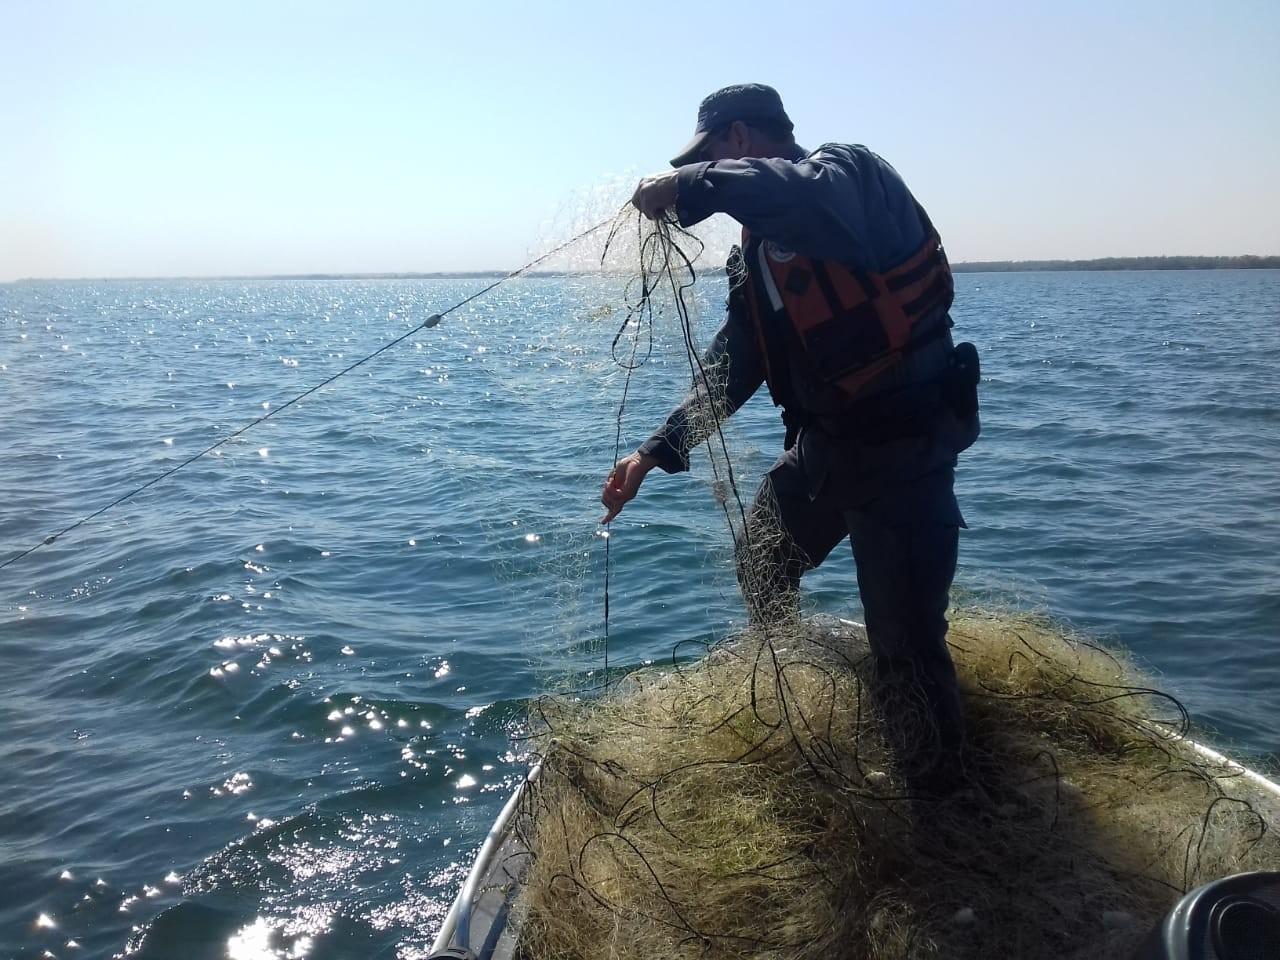 Fiscalização recolhe mais de cinco mil metros de redes de pesca irregulares armadas no Rio Paraná - Notícias - Plantão Diário